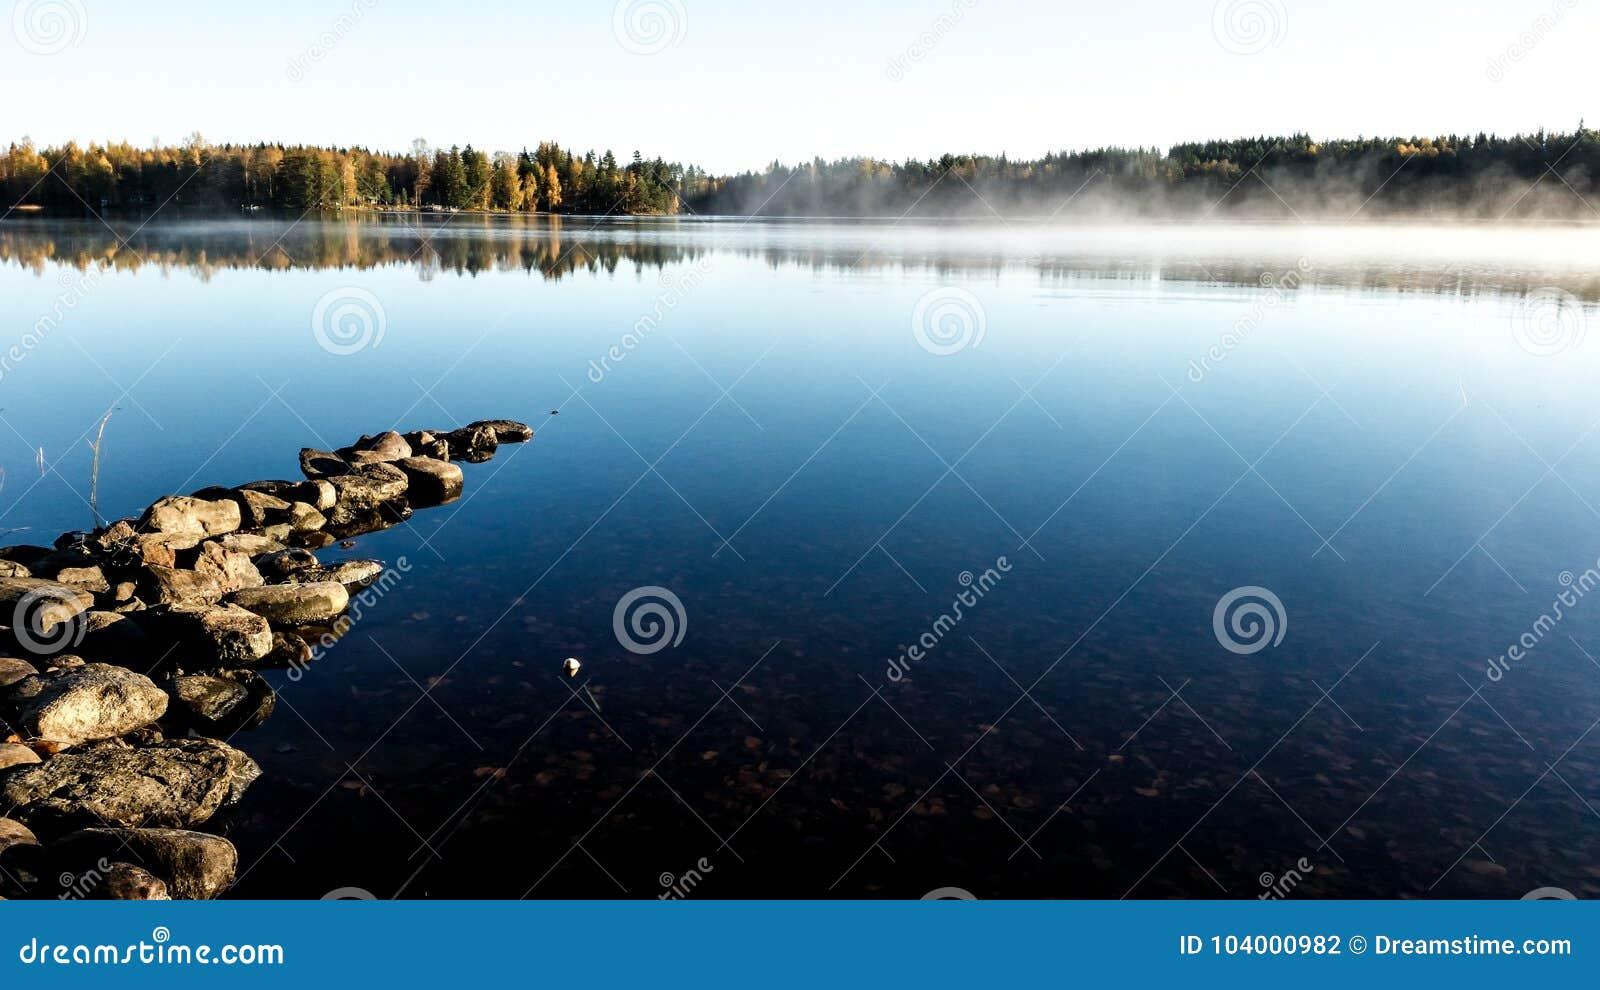 Autumn misty morning on the lake with golden lighten fog